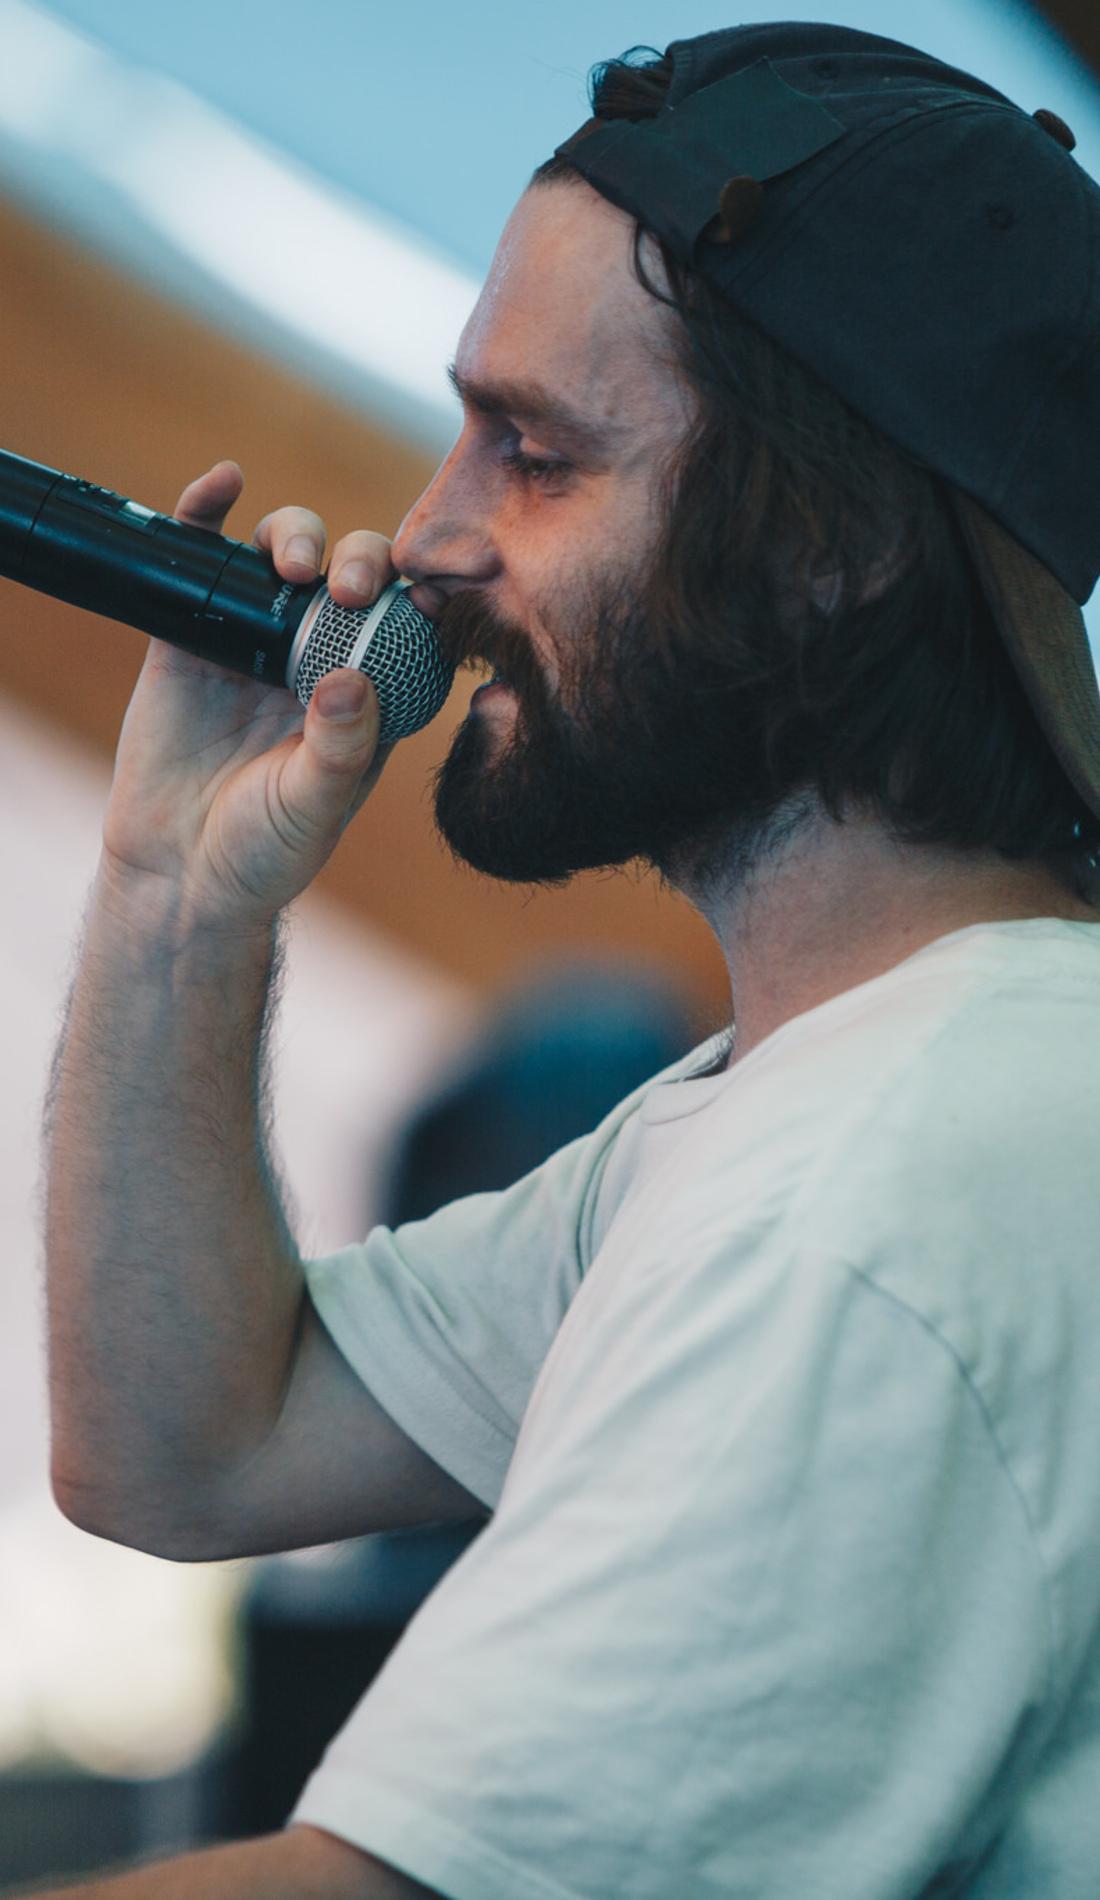 A Chet Porter live event